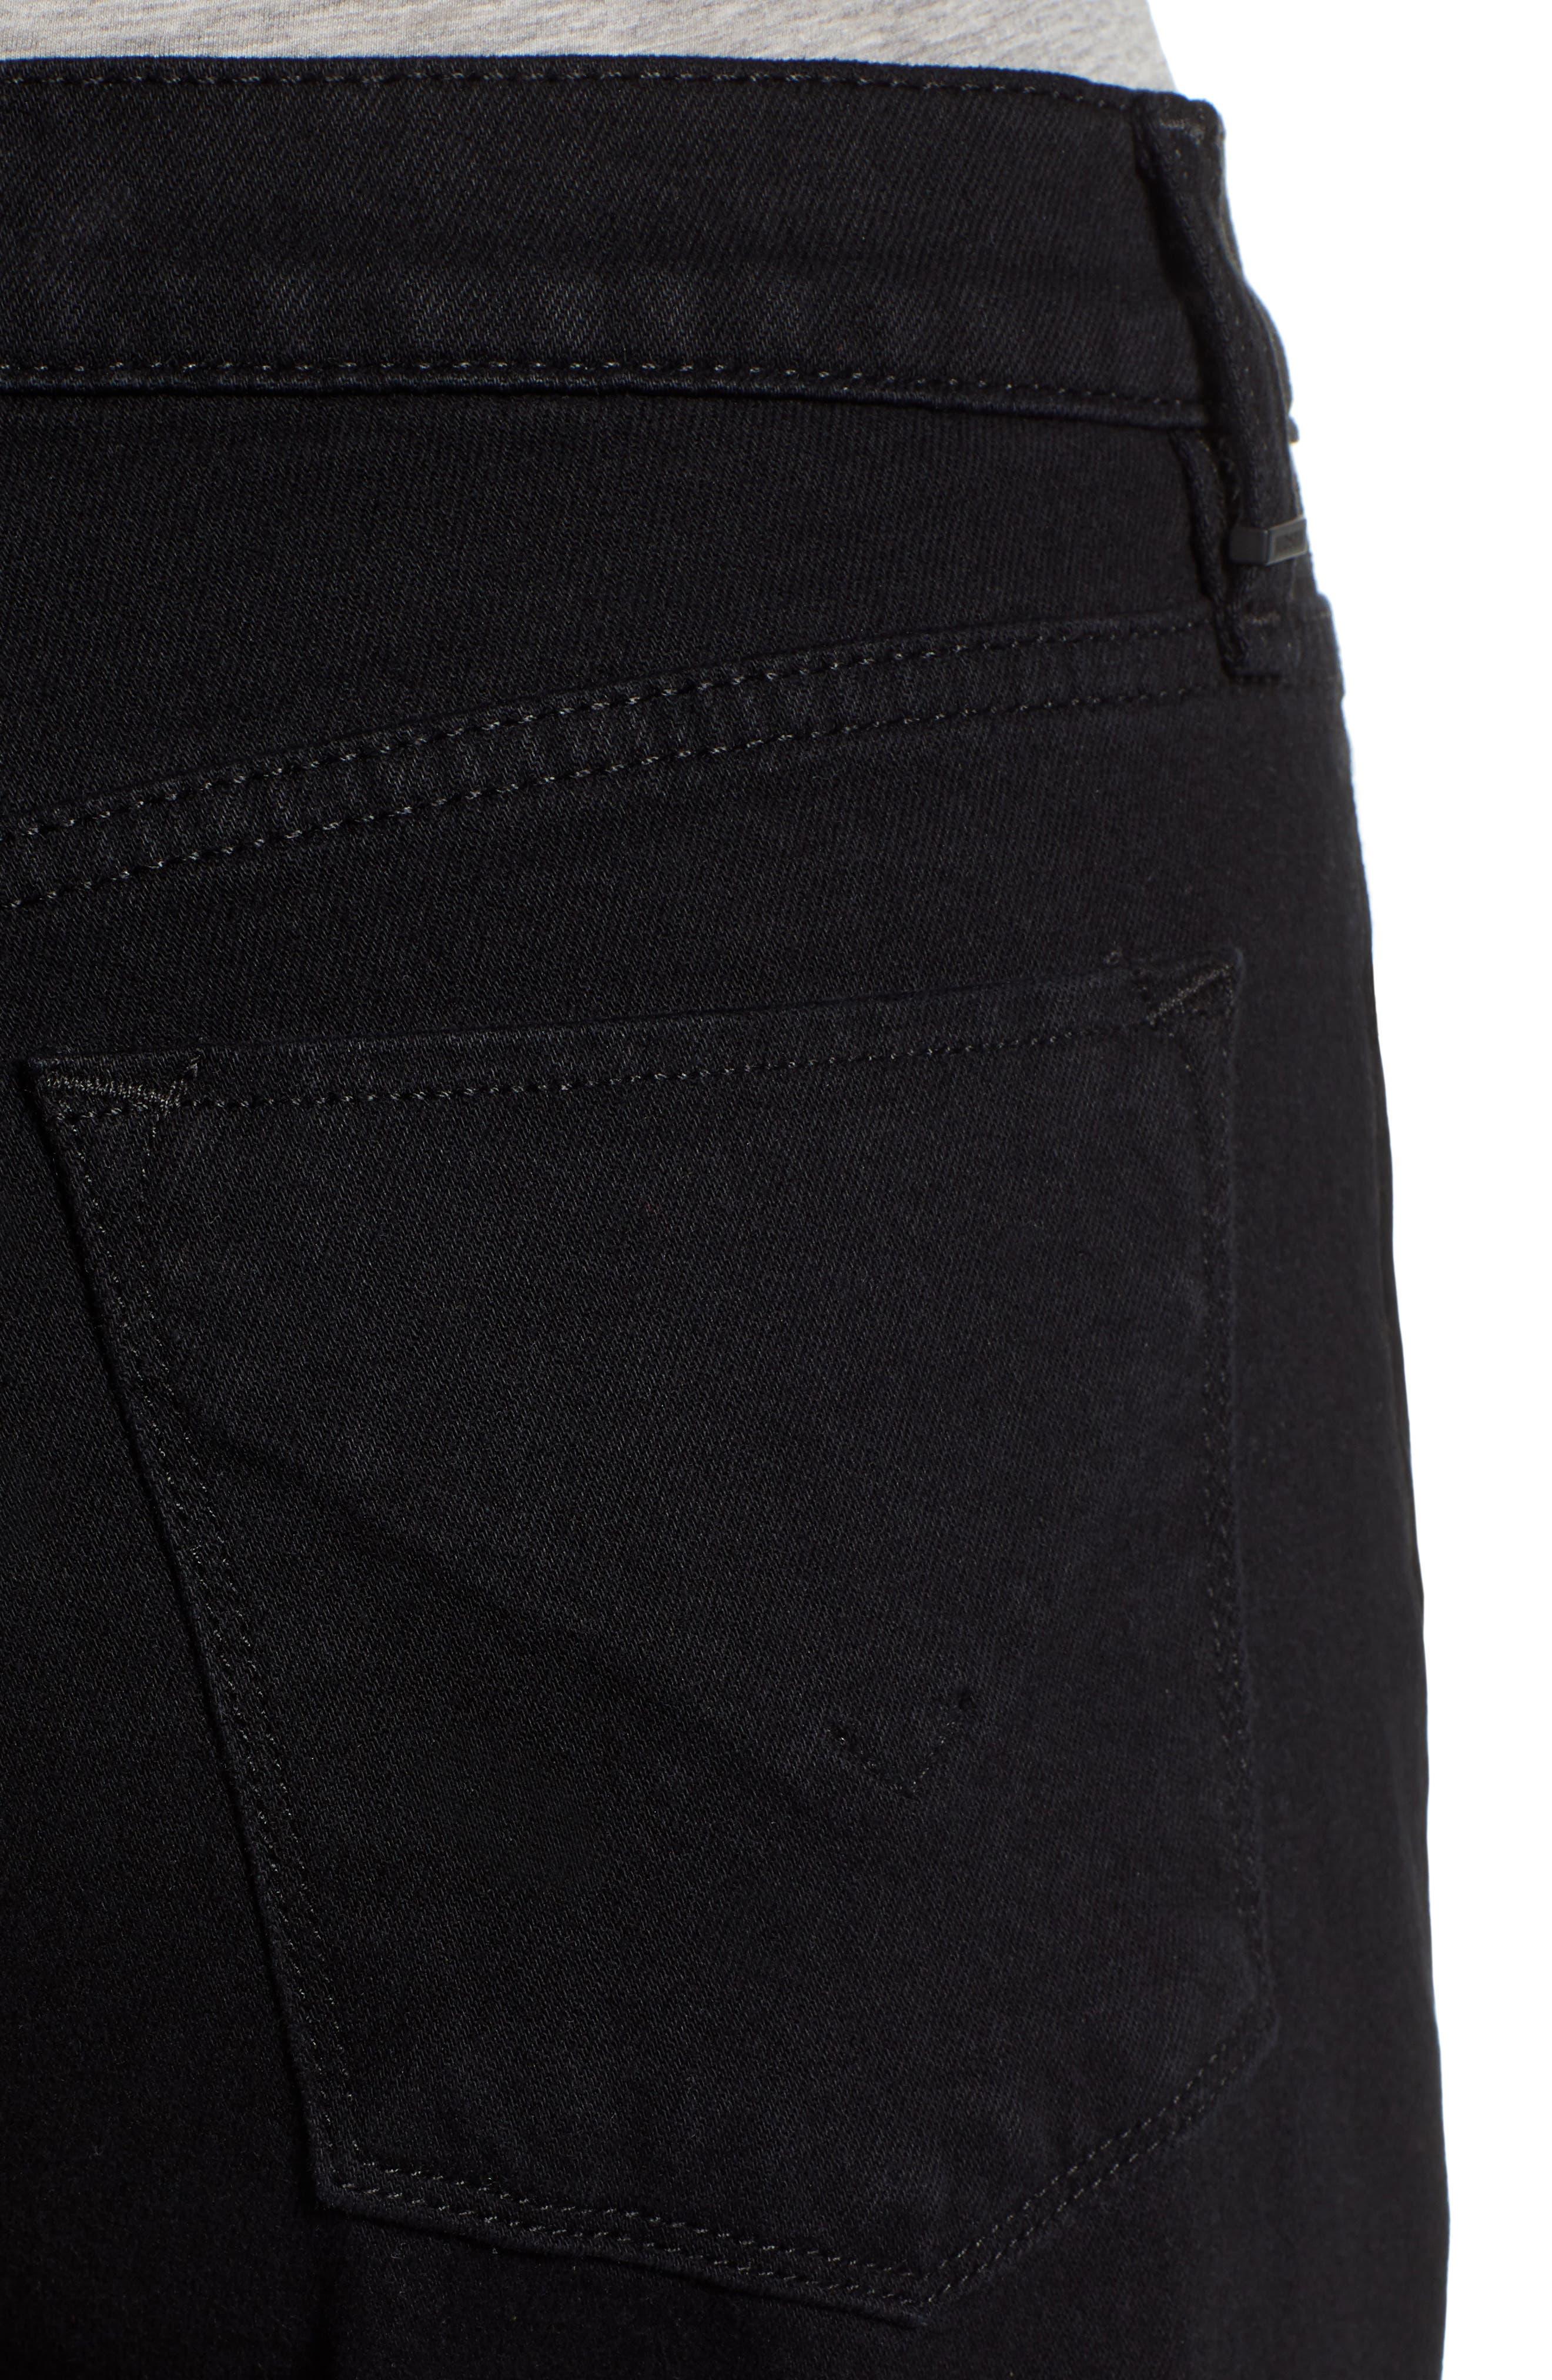 HUDSON JEANS, Jessi Crop Boyfriend Jeans, Alternate thumbnail 5, color, 001